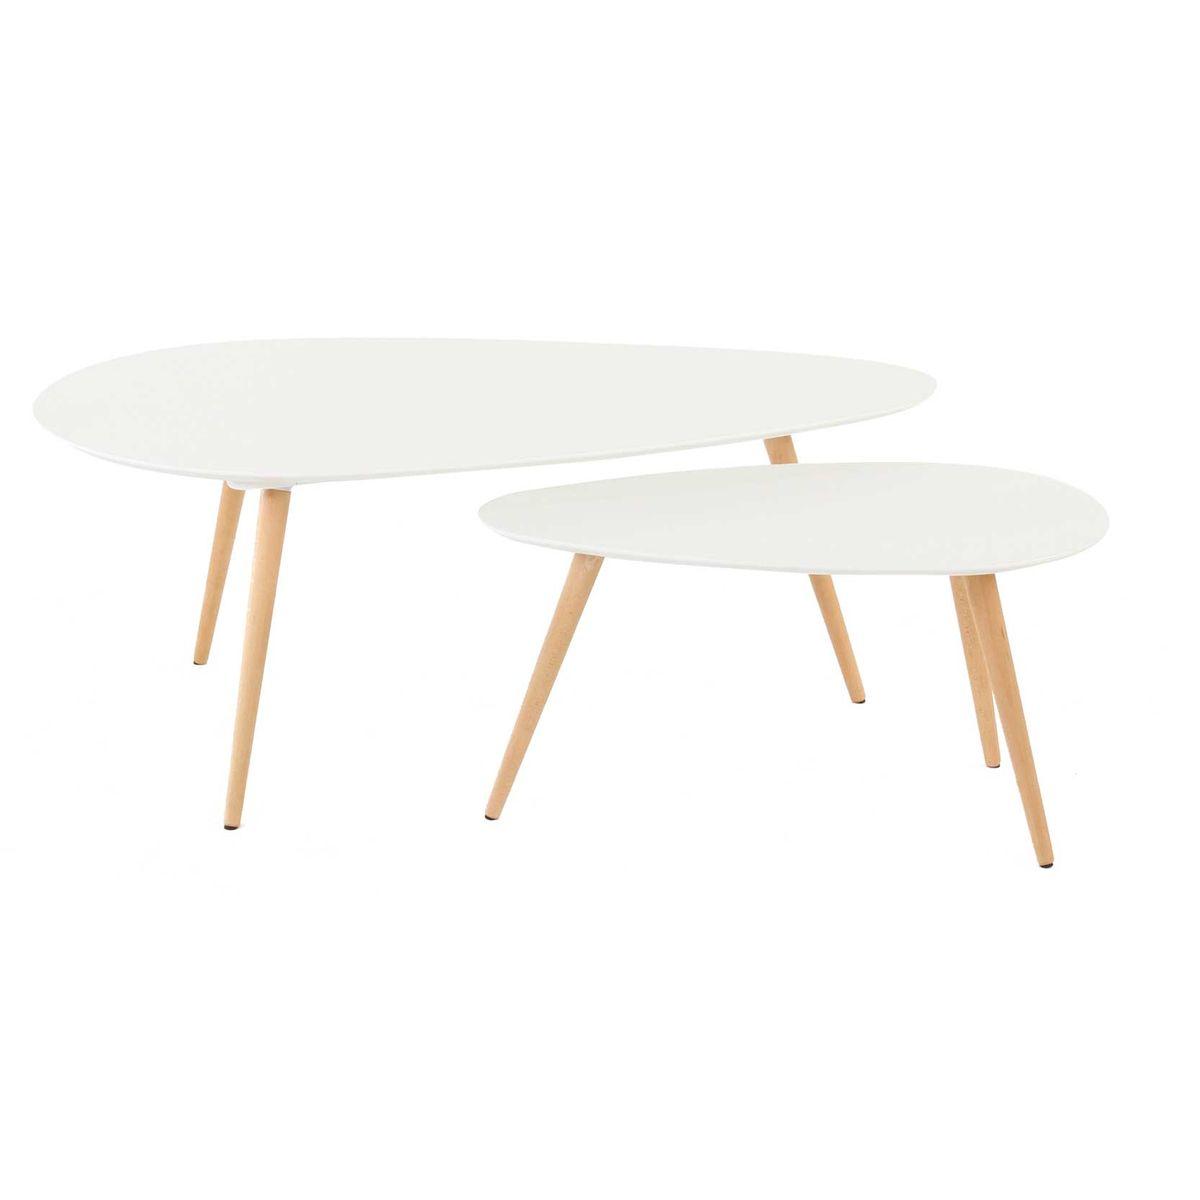 Tables basses gigognes chêne et laqué 116 cm  blanc